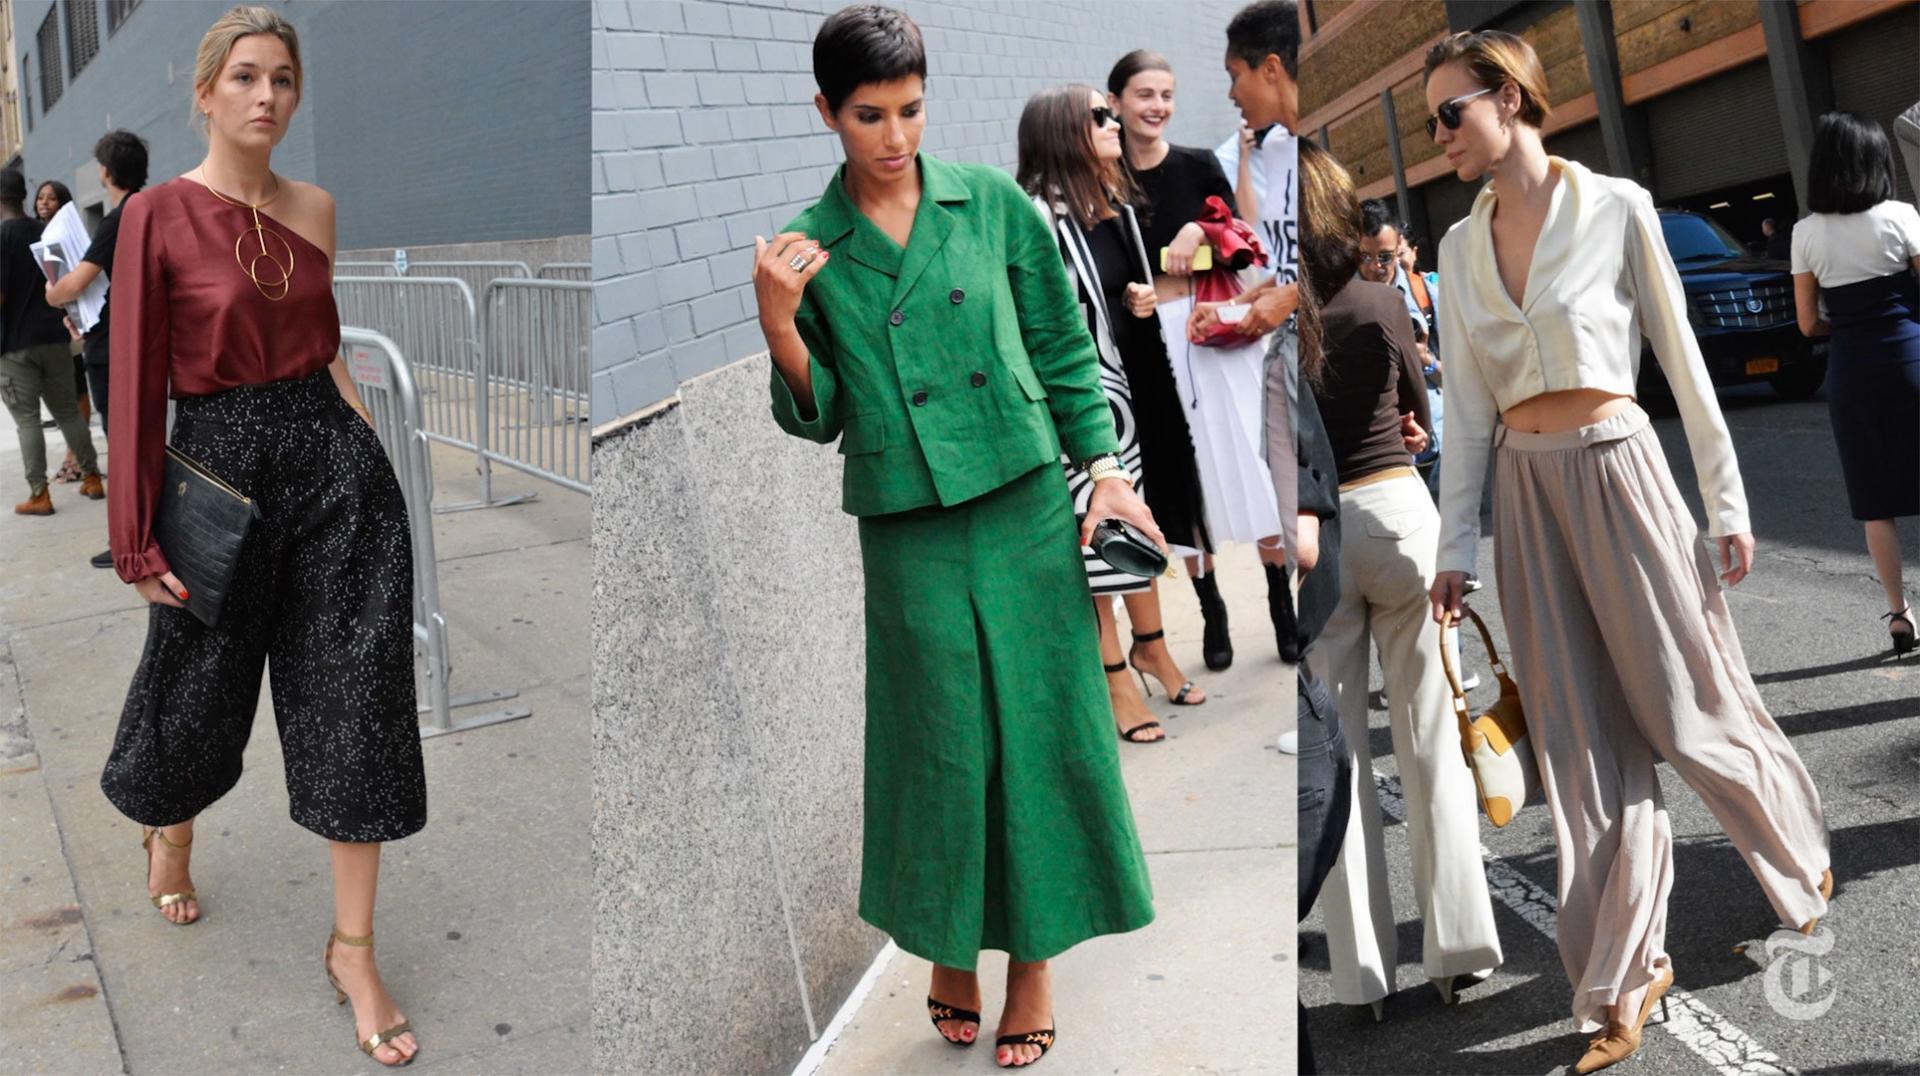 NY Times Fashionistas